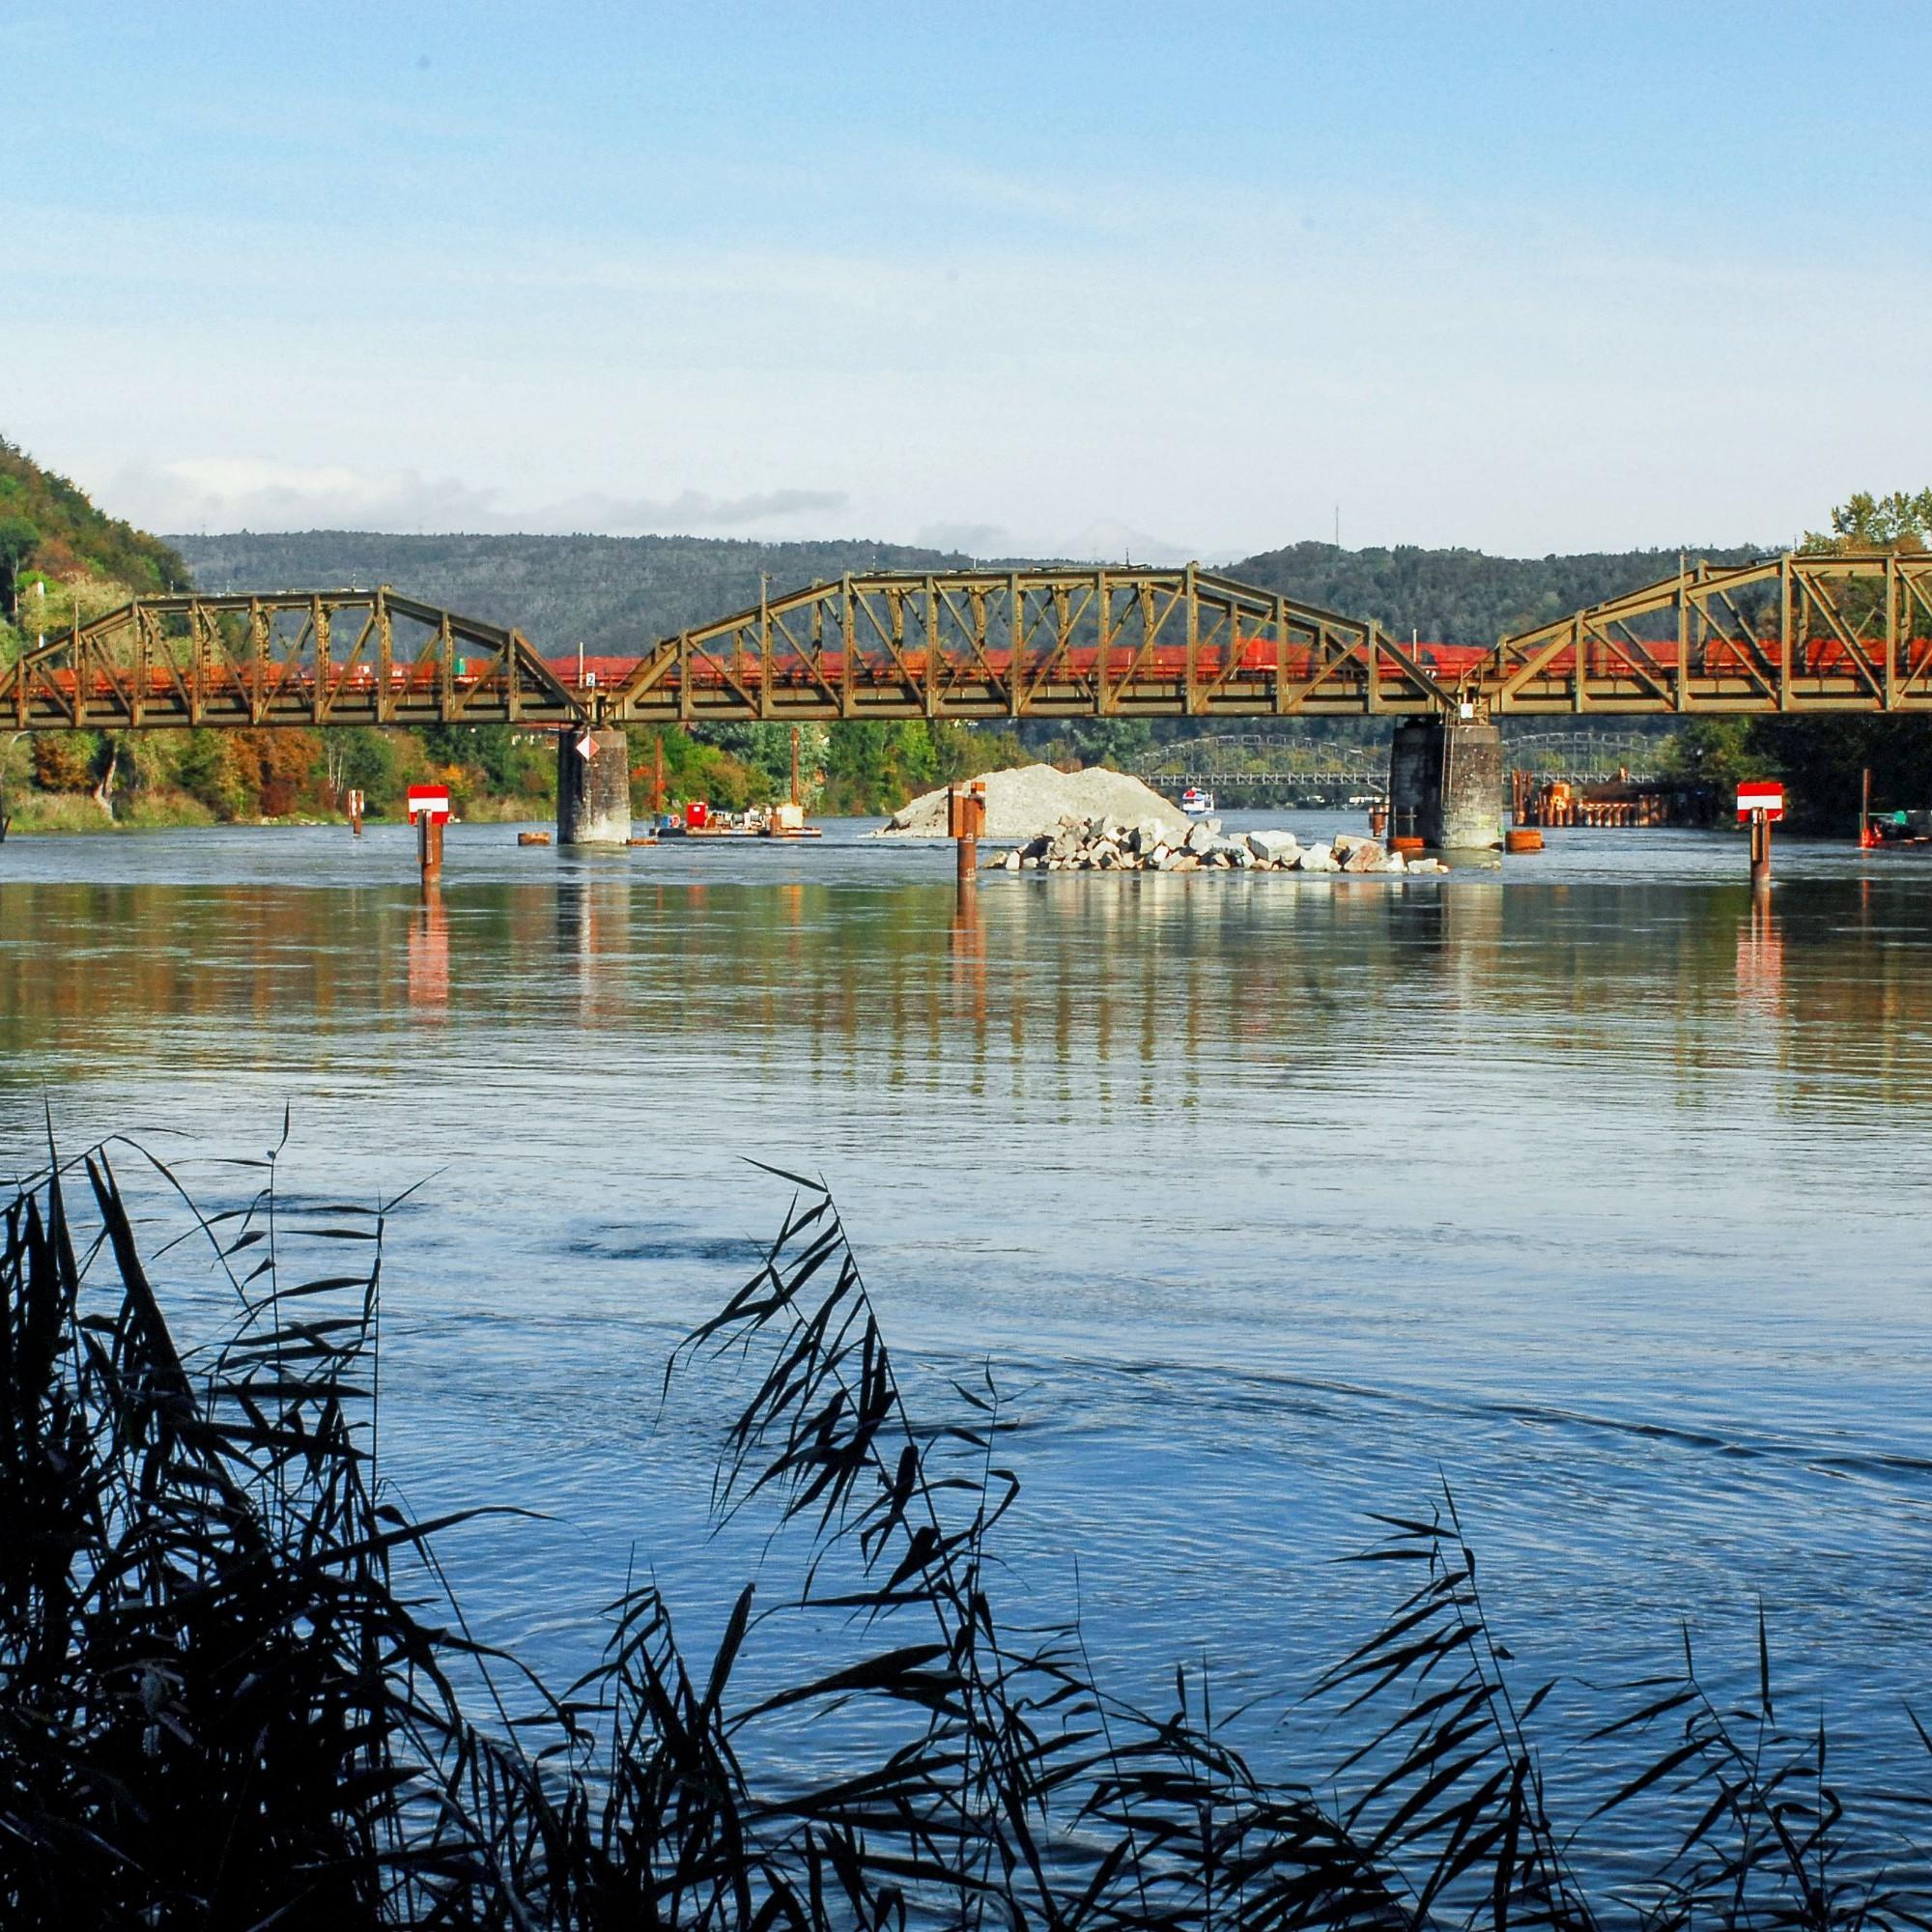 Aarebrücke Naturschutzgebeit